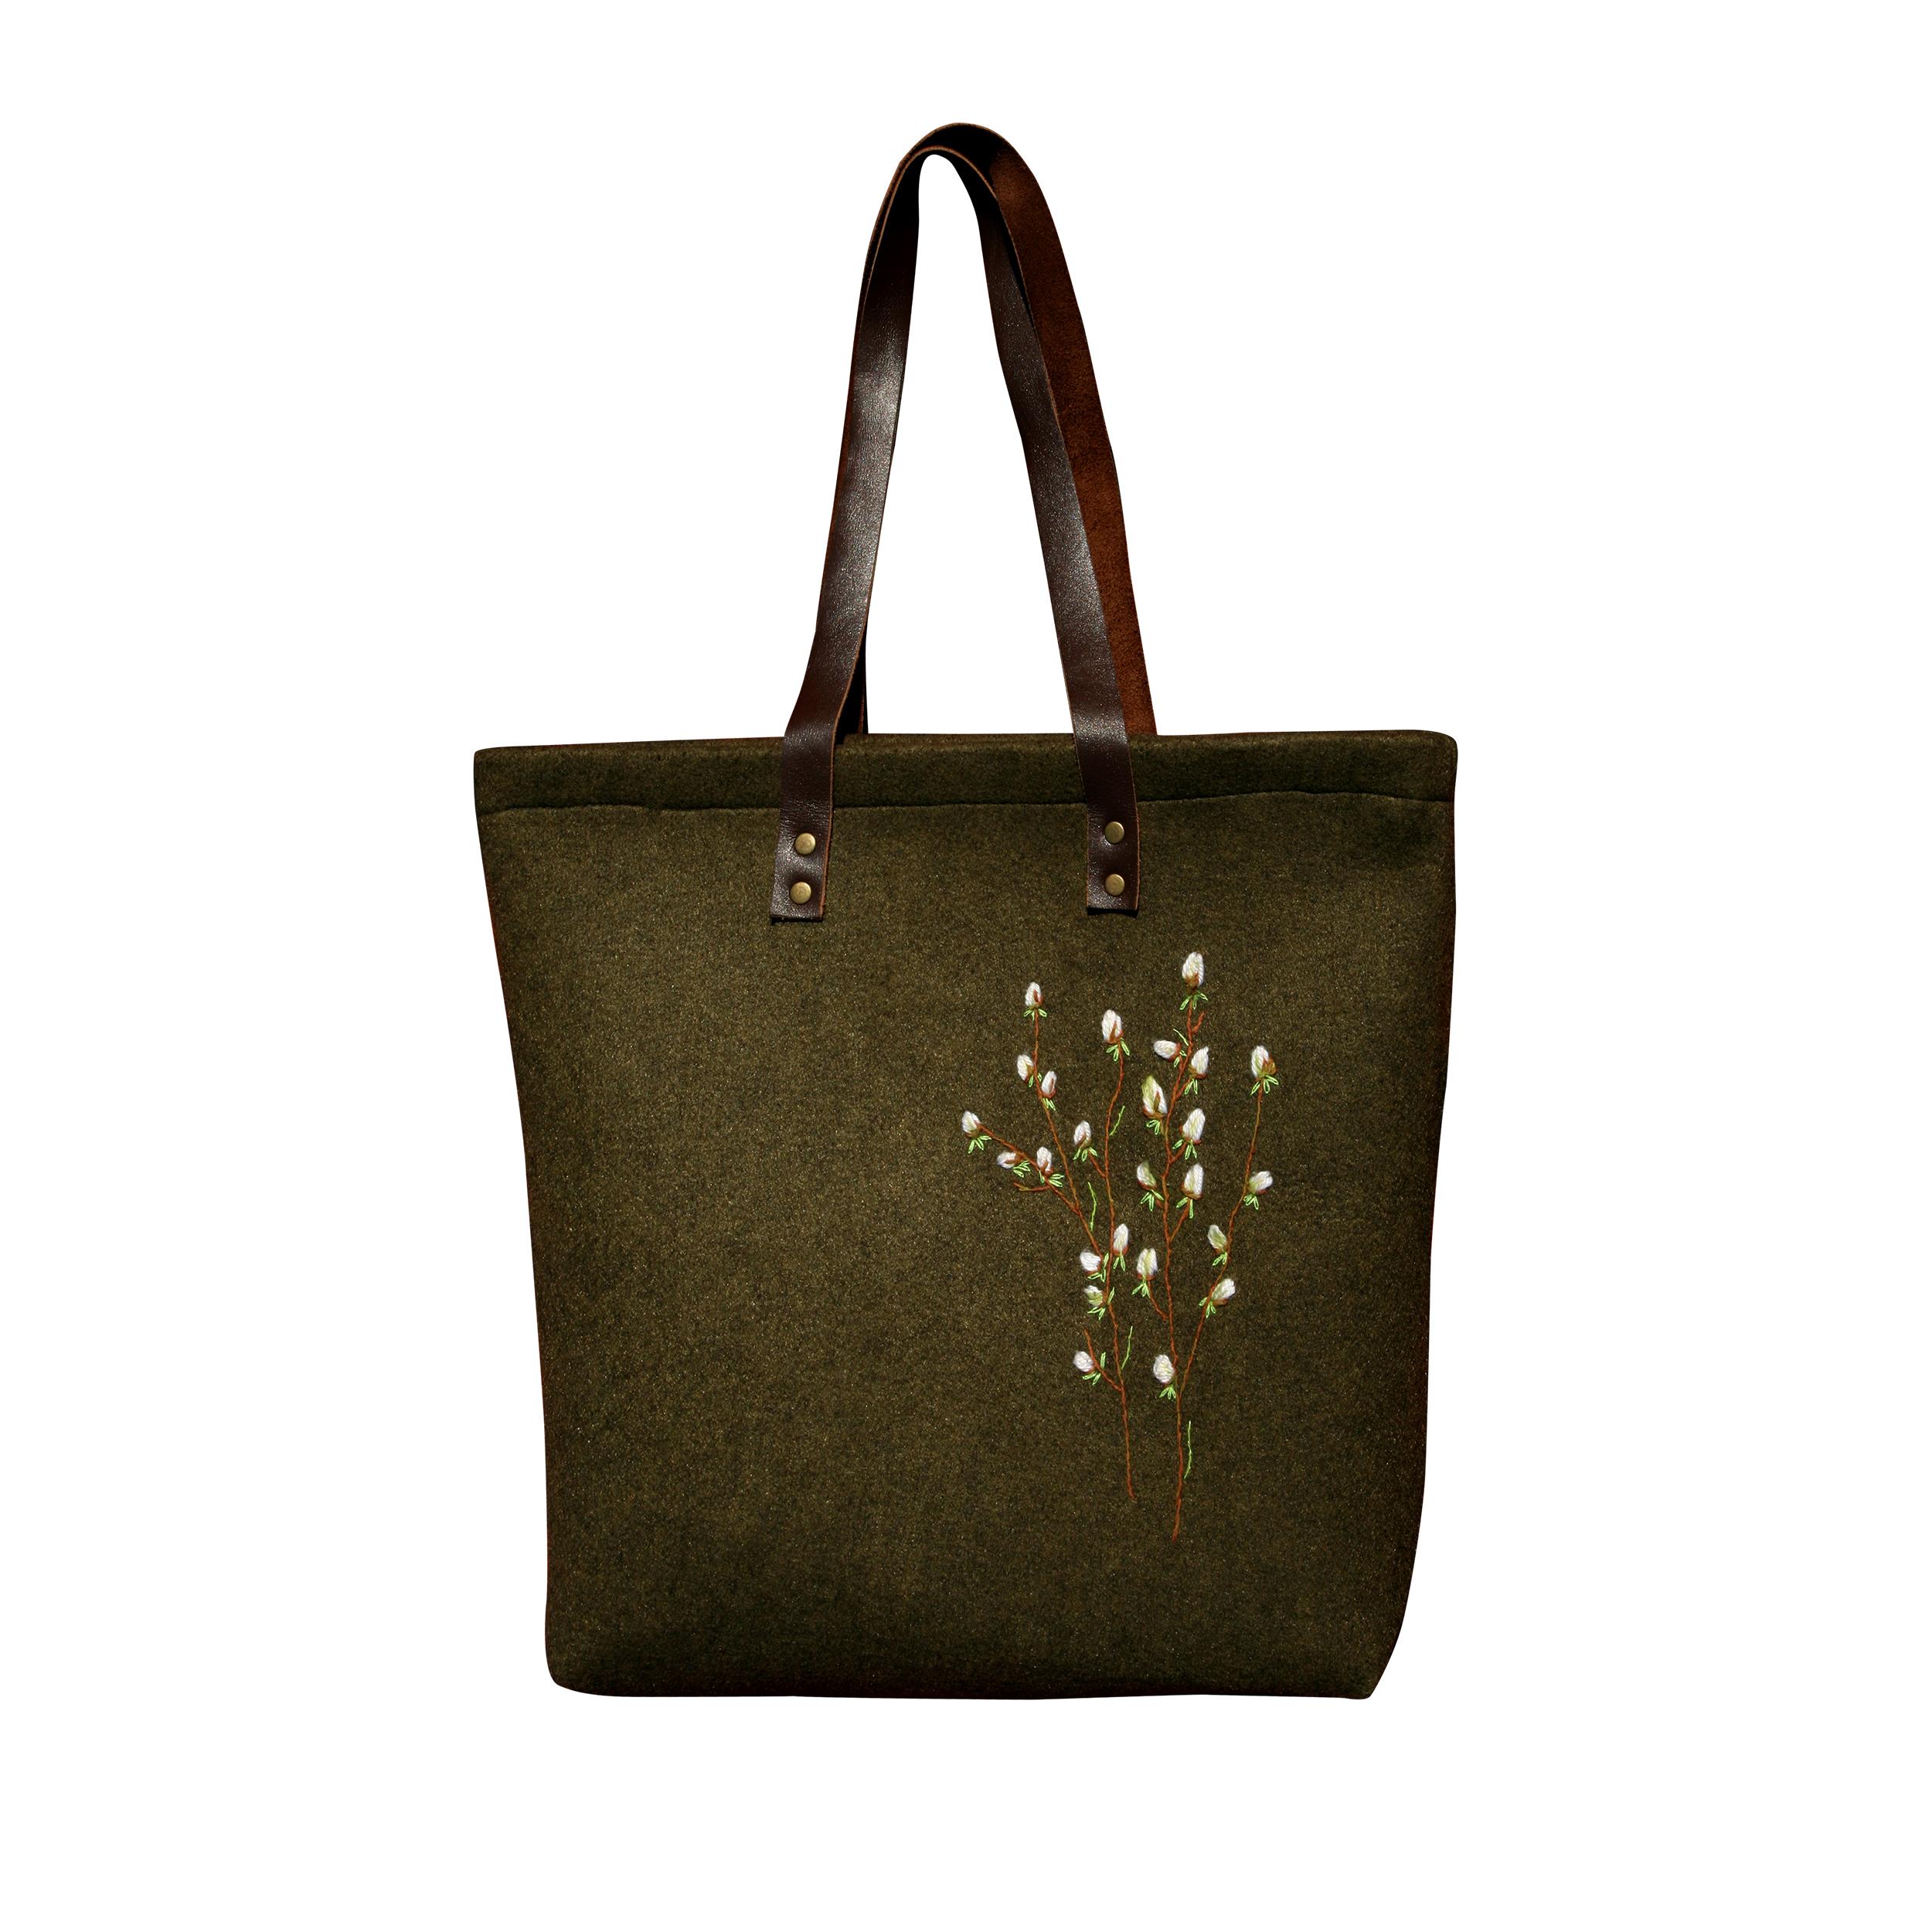 قیمت کیف دوشی زنانه نیست کد 004